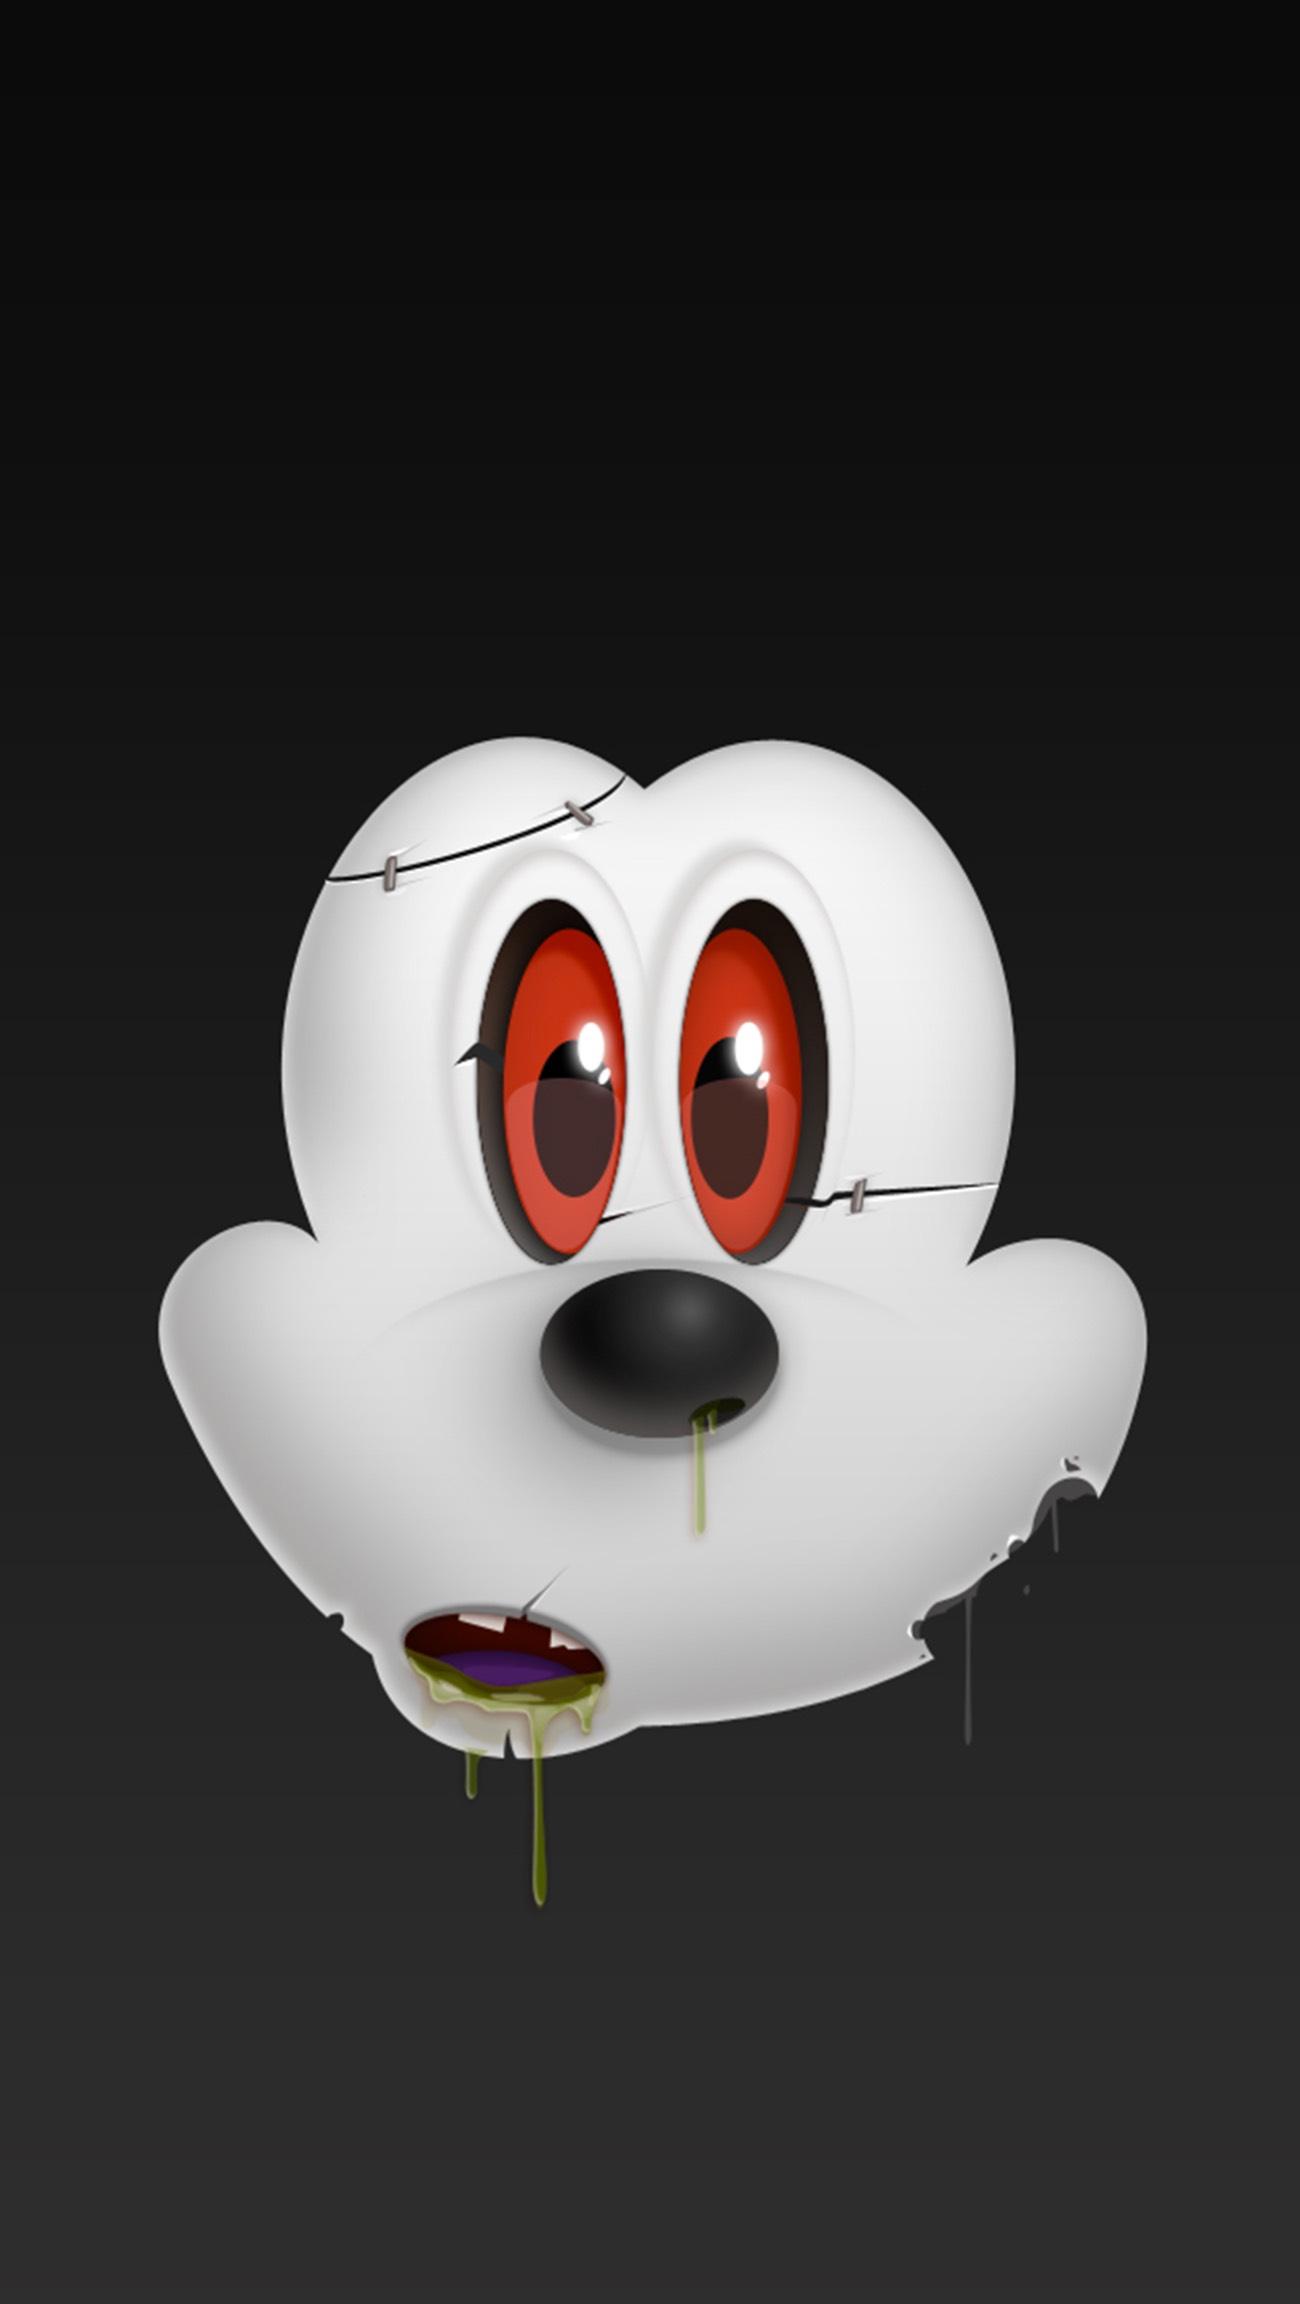 Disney Halloween Wallpaper for iPhone